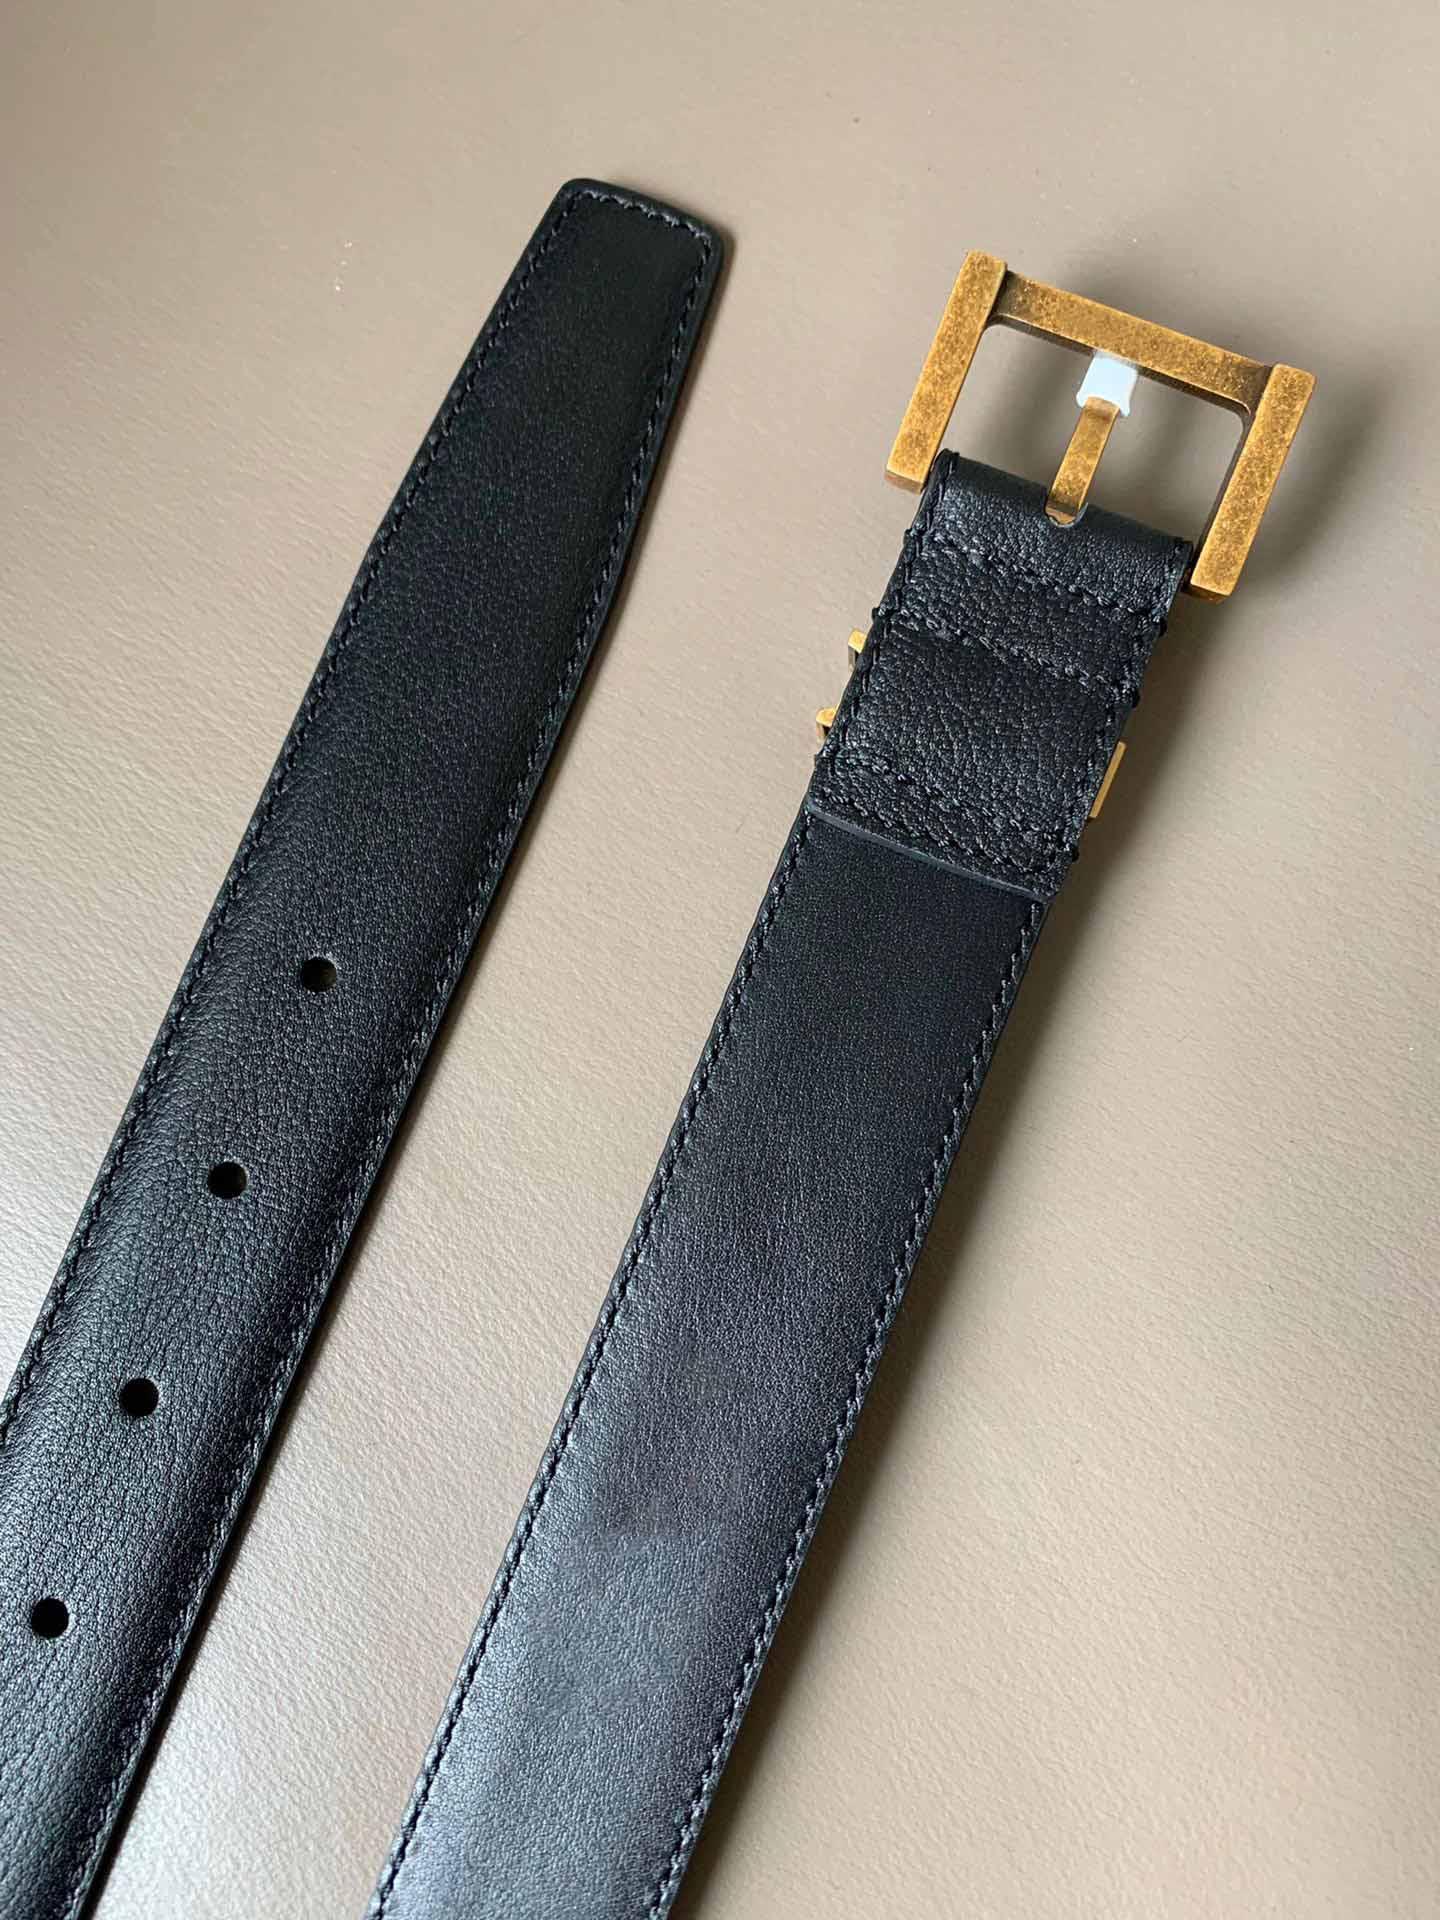 Y 2021 2 cm e 3 cm moda donna LUSKURYS Designer Designer cinture cintura classica con scatola, produzione reale in pelle, fonte di fabbrica